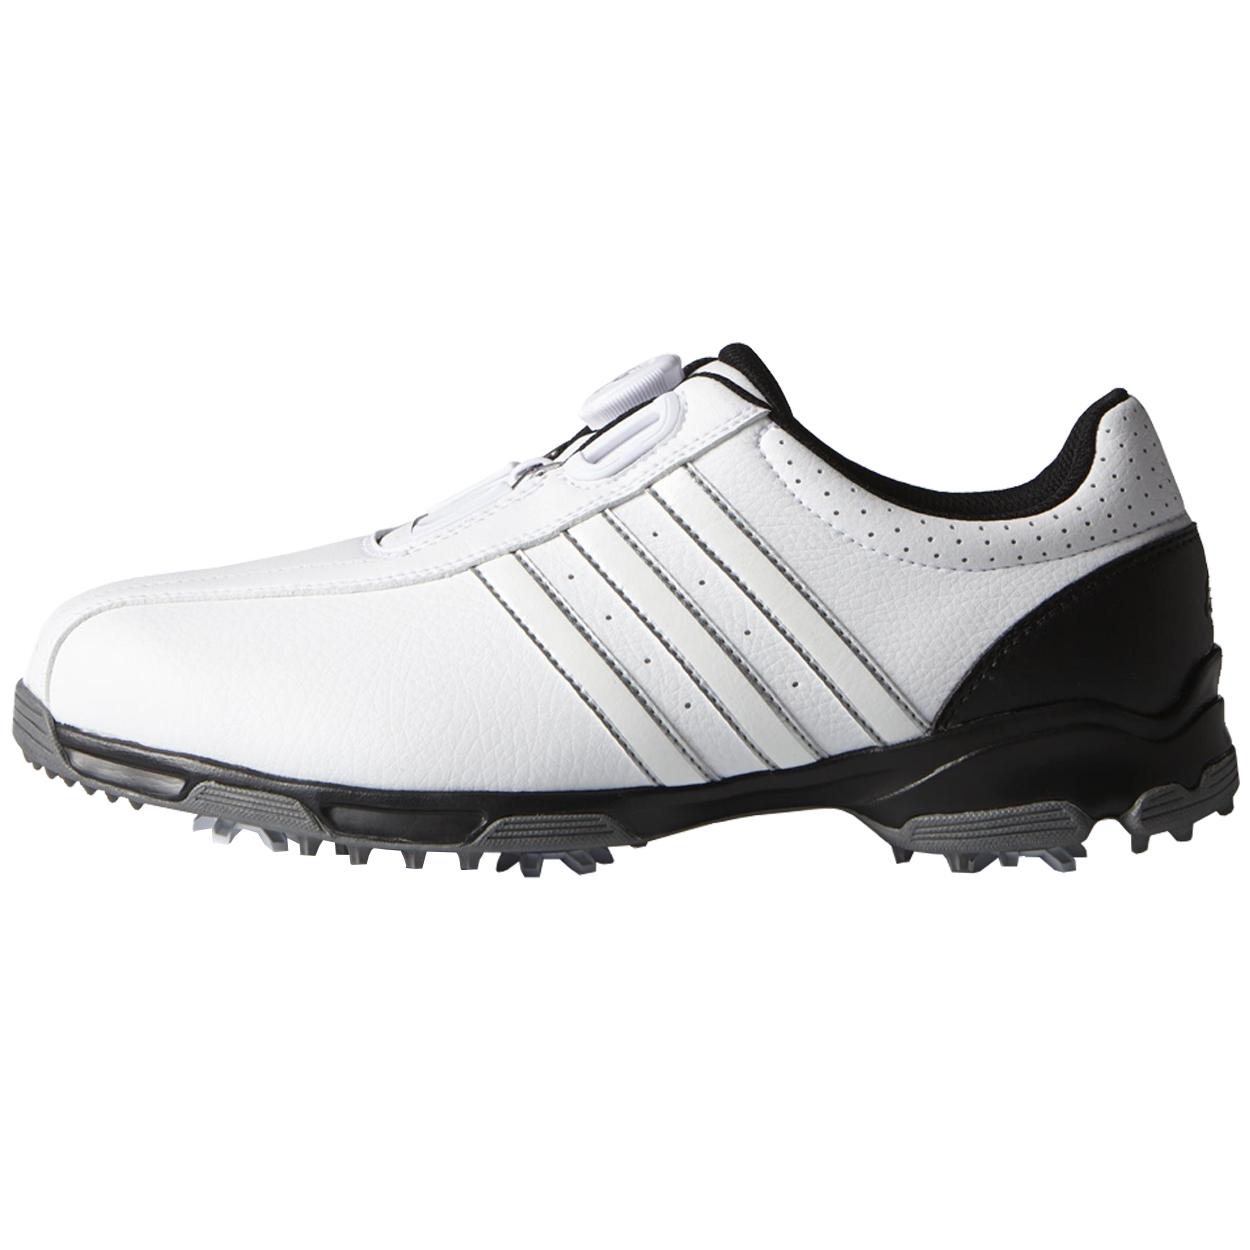 Boa Shoes Golf